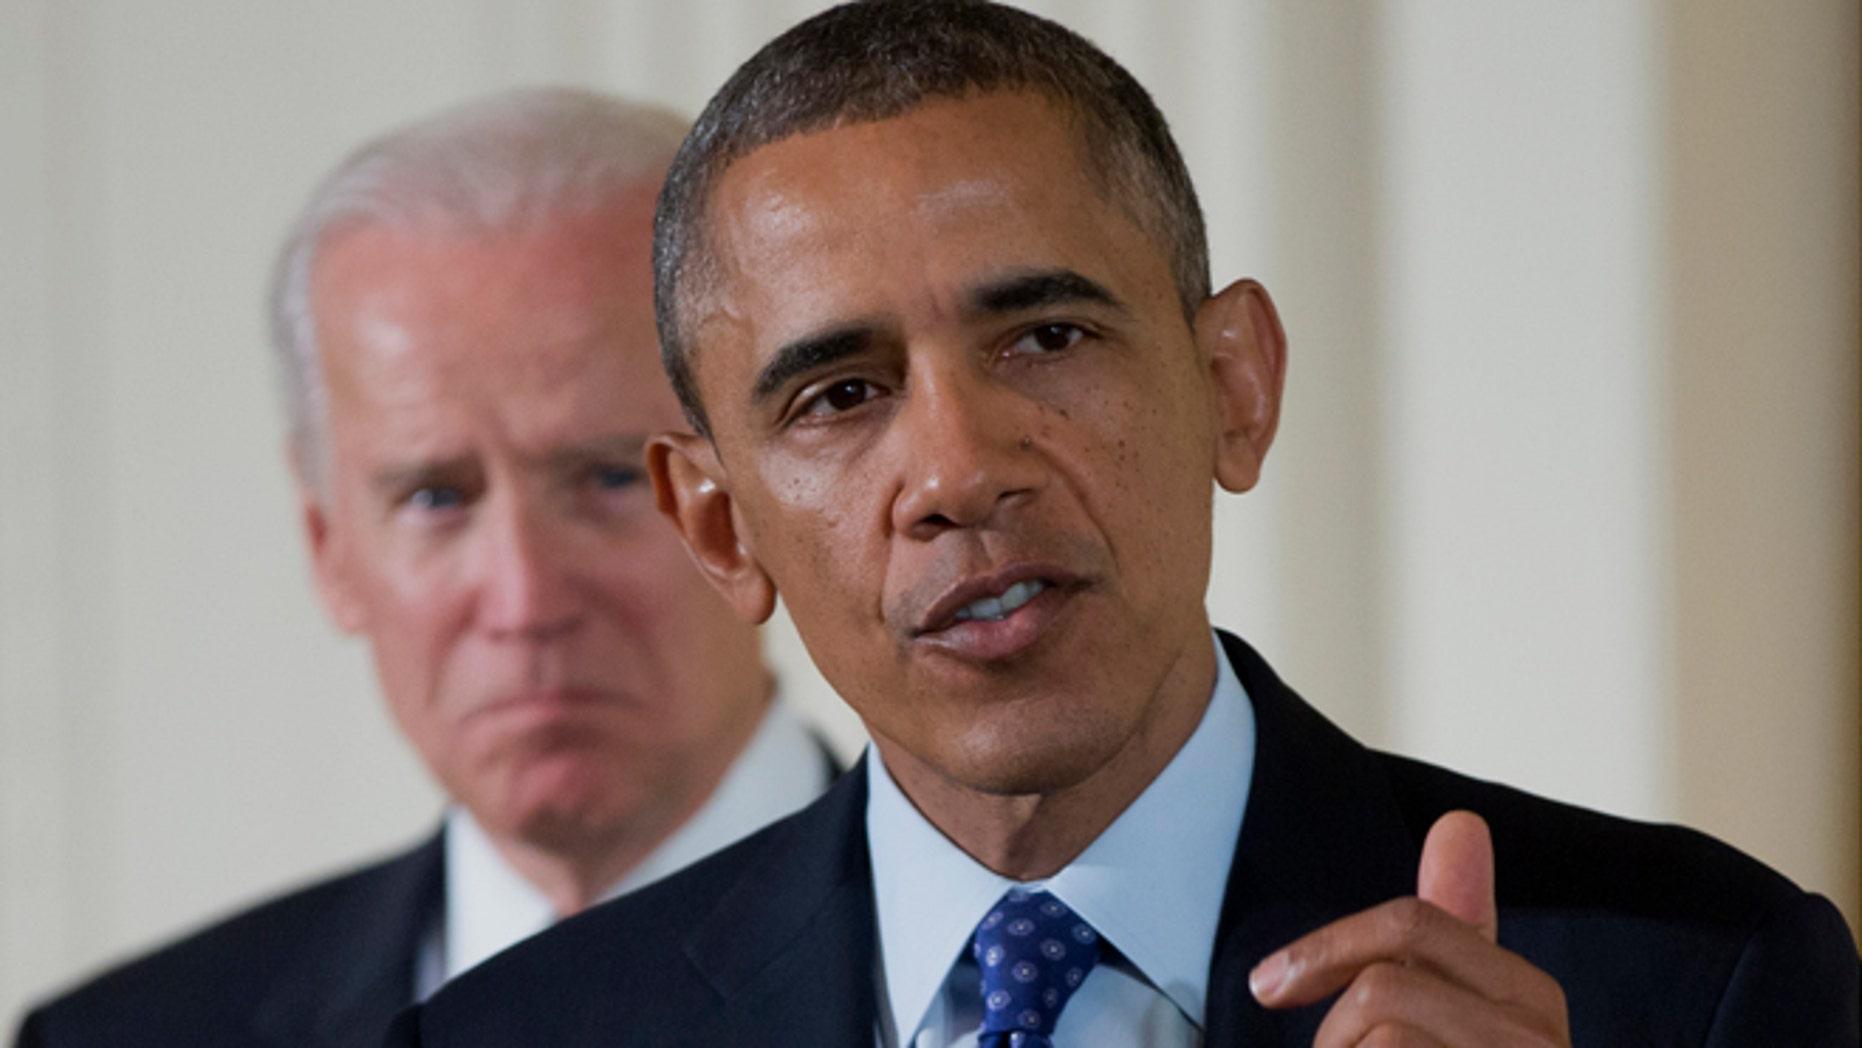 Jan. 22, 2014: Vice President Joe Biden listens as President Barack Obama speaks in the East Room of the White House in Washington.